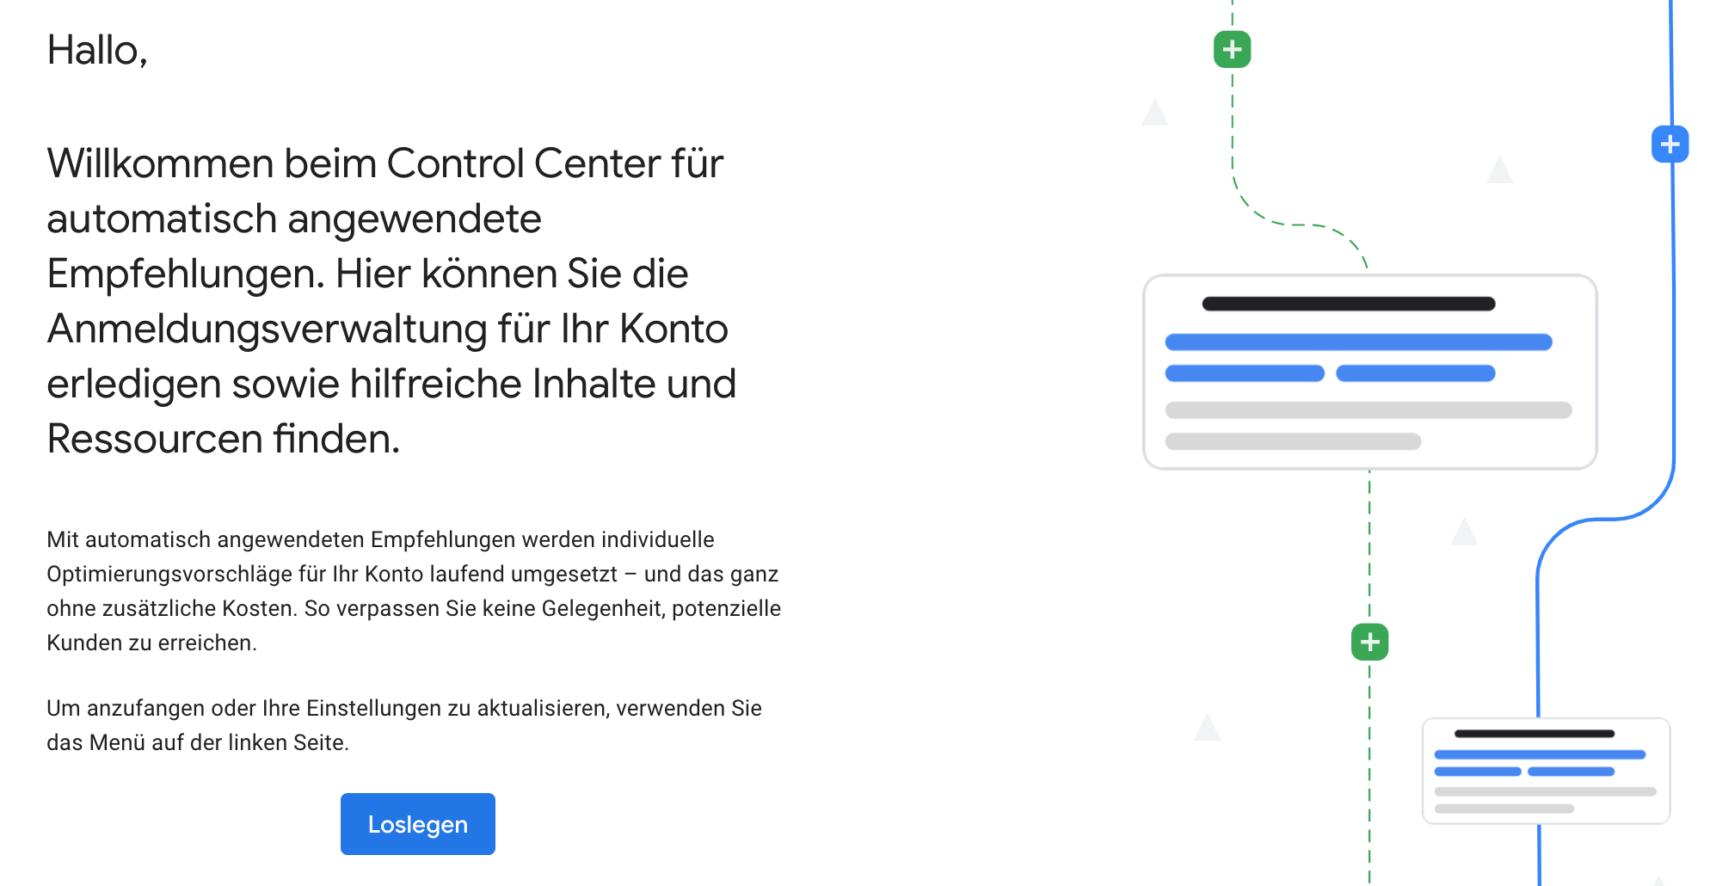 Startfenster des Control Centers für automatisch angewendete Empfehlungen